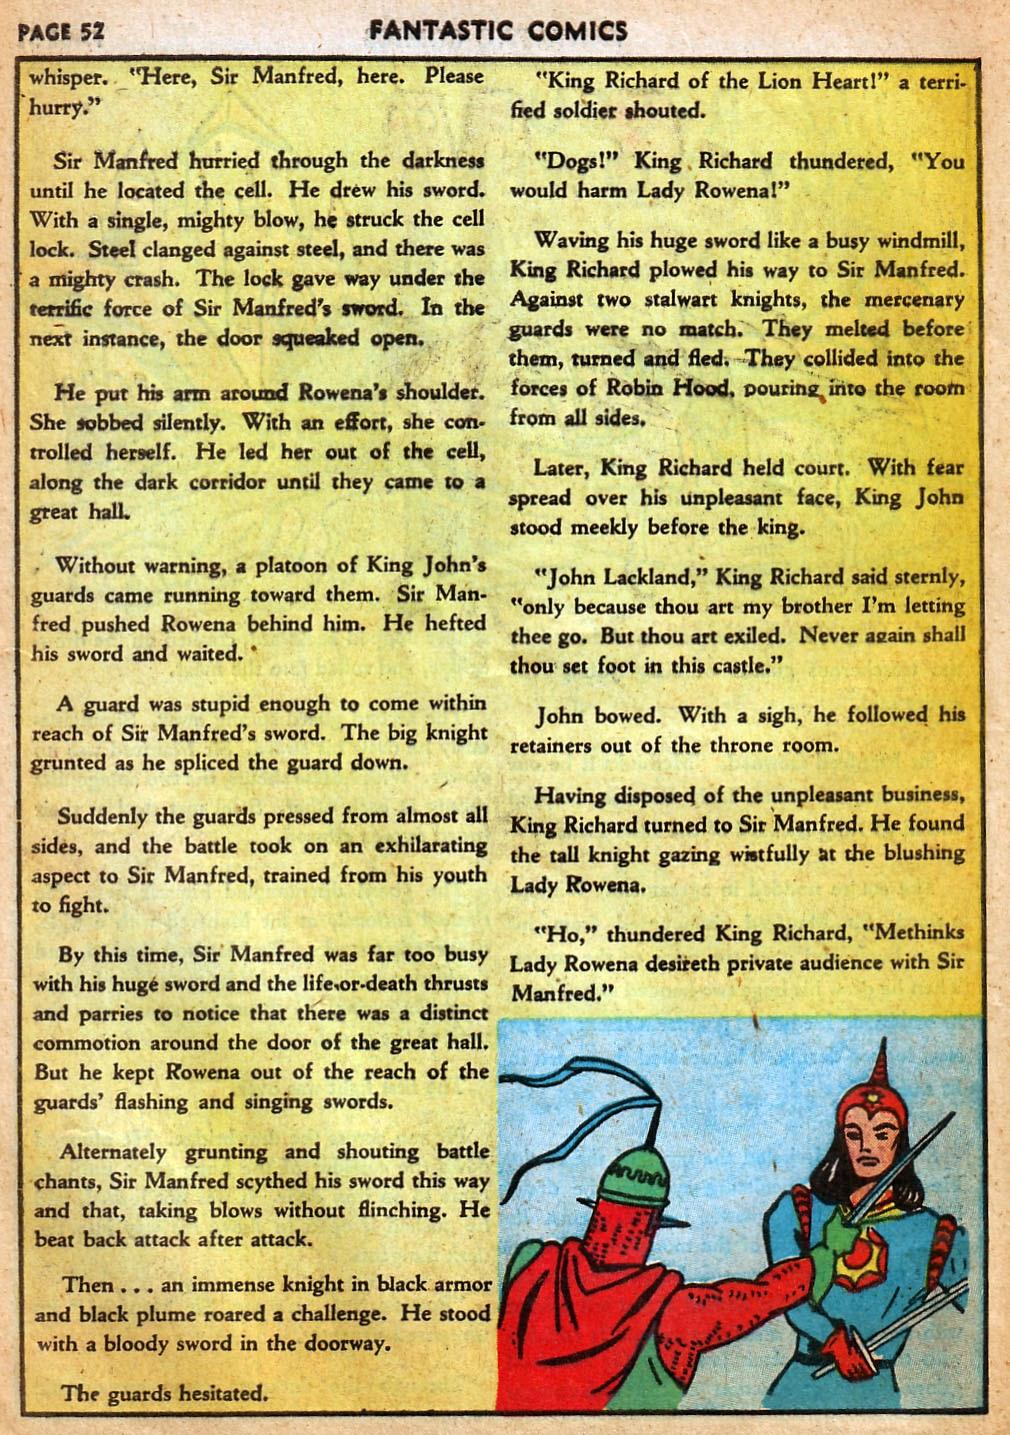 Read online Fantastic Comics comic -  Issue #22 - 53